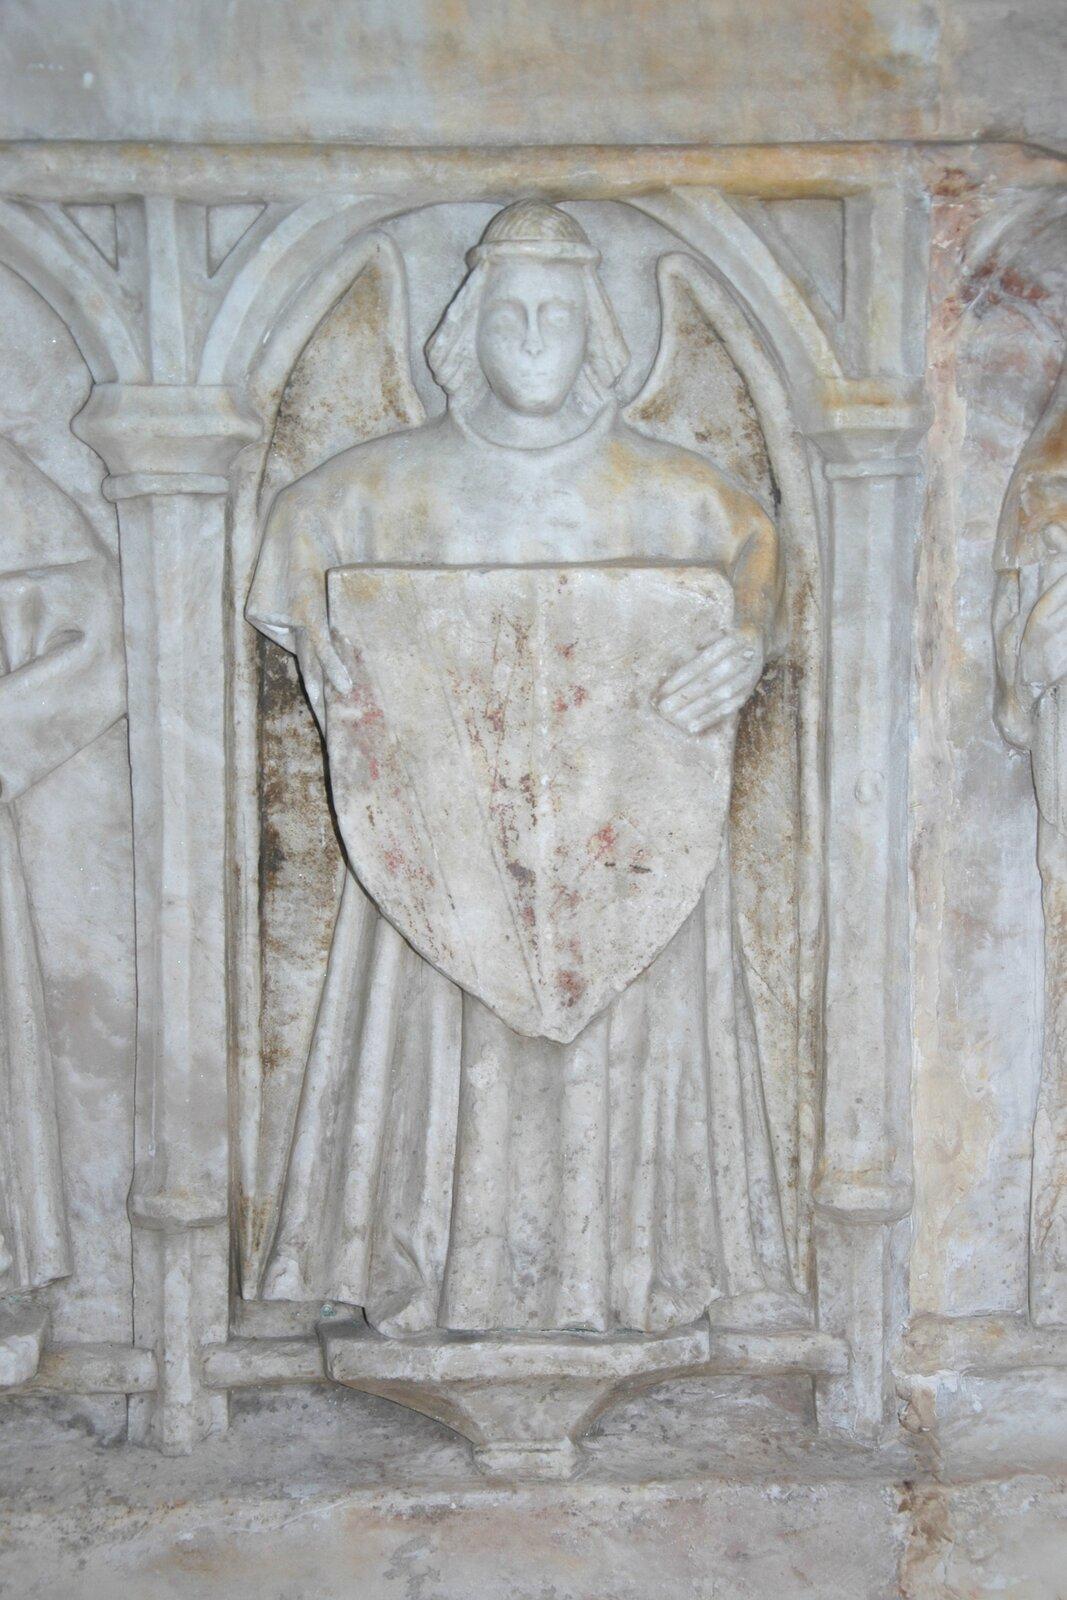 Ilustracja przedstawia detal rzeźbiarski zkościoła St. Mary the Virgin. Na zdjęciu znajduje się płasko wyrzeźbiony wizerunek mężczyzny wdługiej szacie zwłosami do ramion, przepasanymi na czole. Trzymająca wrękach herb postać wpisana jest wmotyw architektoniczny, stoi pomiędzy kolumnami połączonymi nad jej głową łukiem. Cały motyw płasko przylega do ściany.